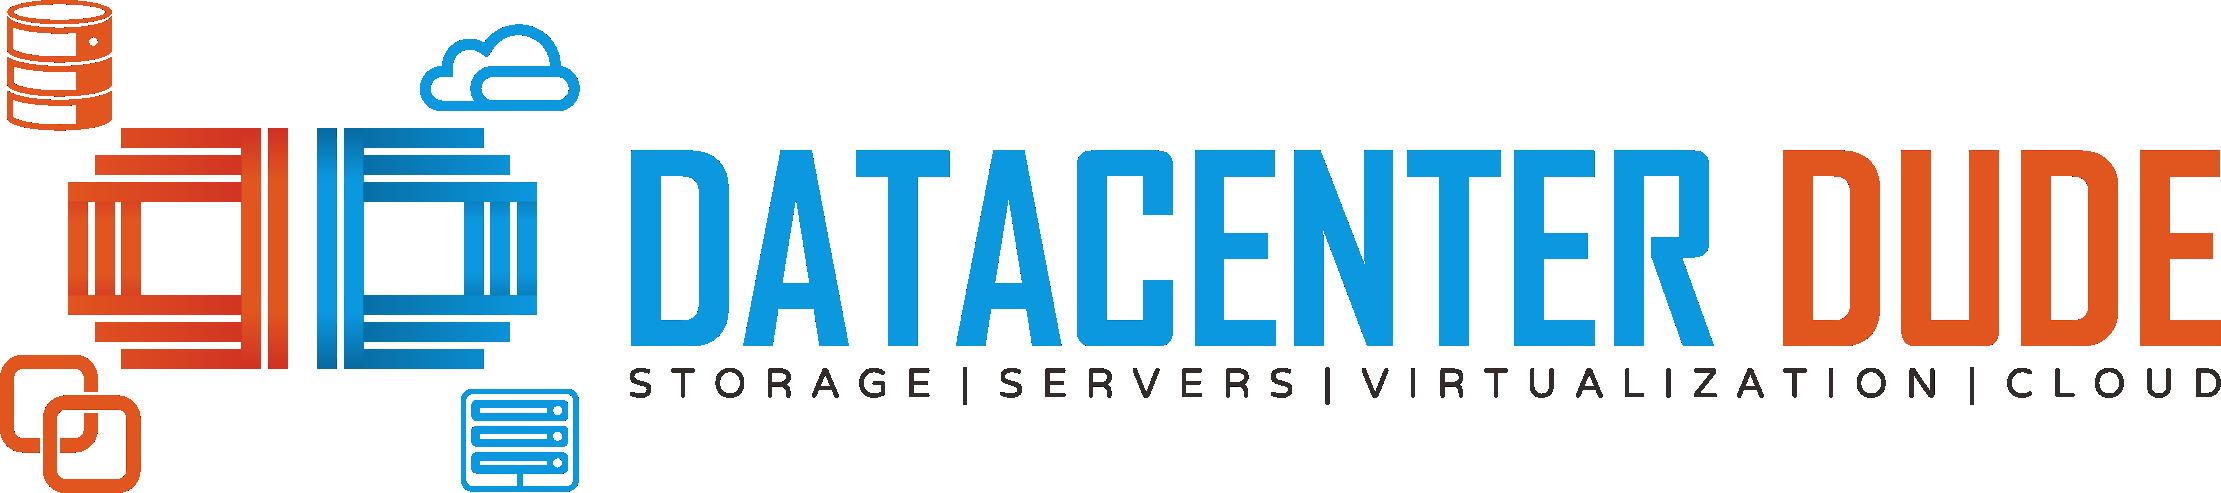 DatacenterDude